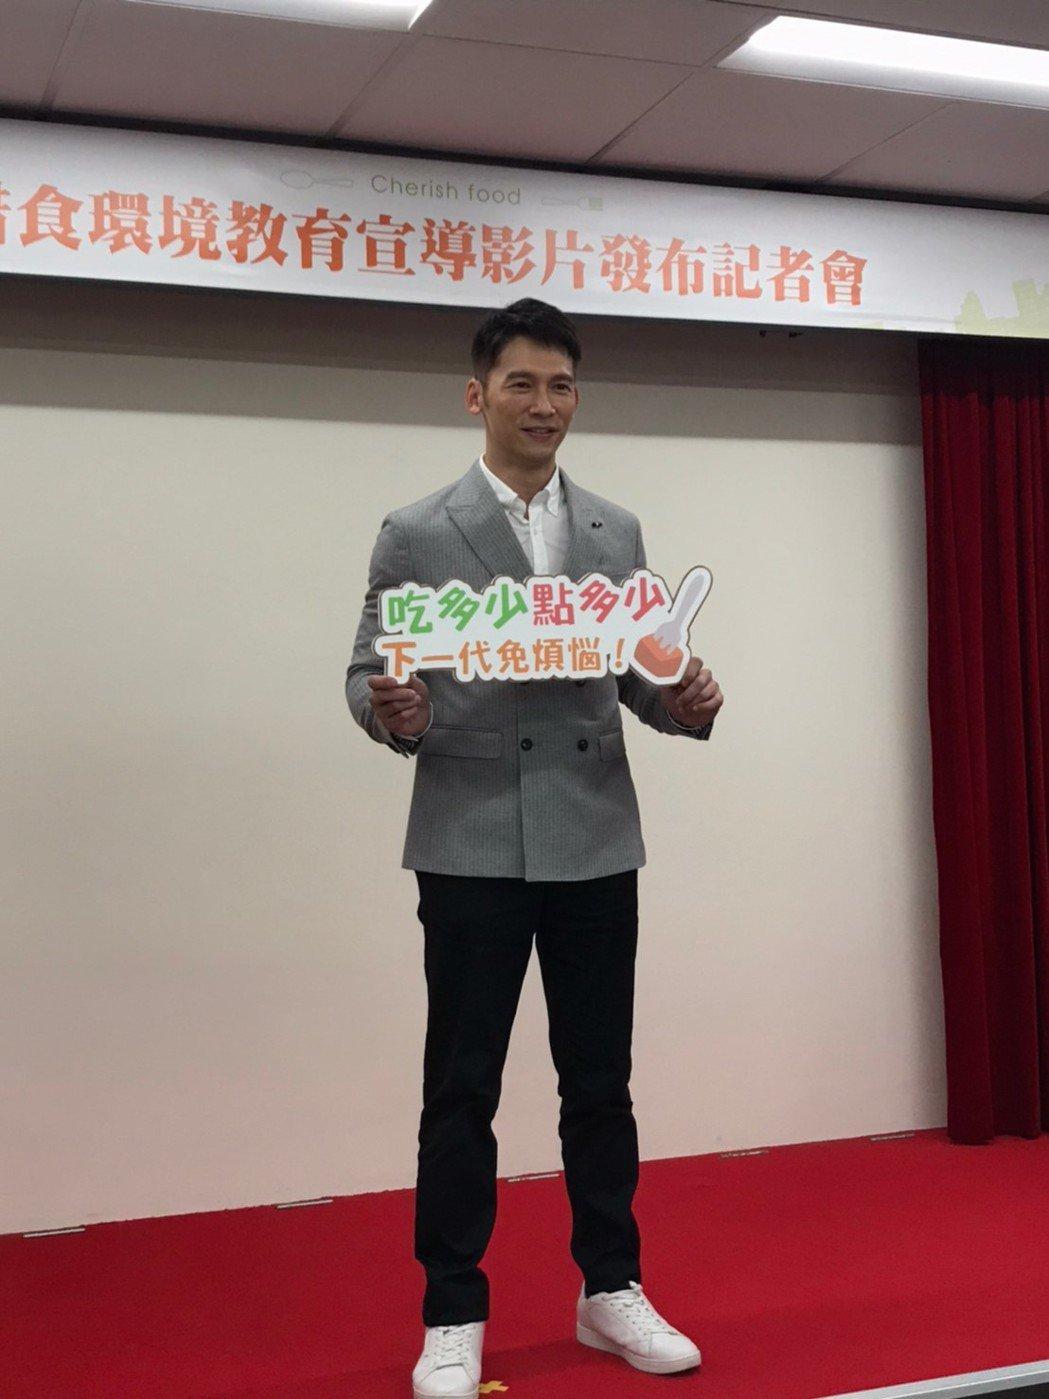 溫昇豪為環保署拍攝惜食環境教育宣導影片,呼籲愛惜食物。圖/環保署提供